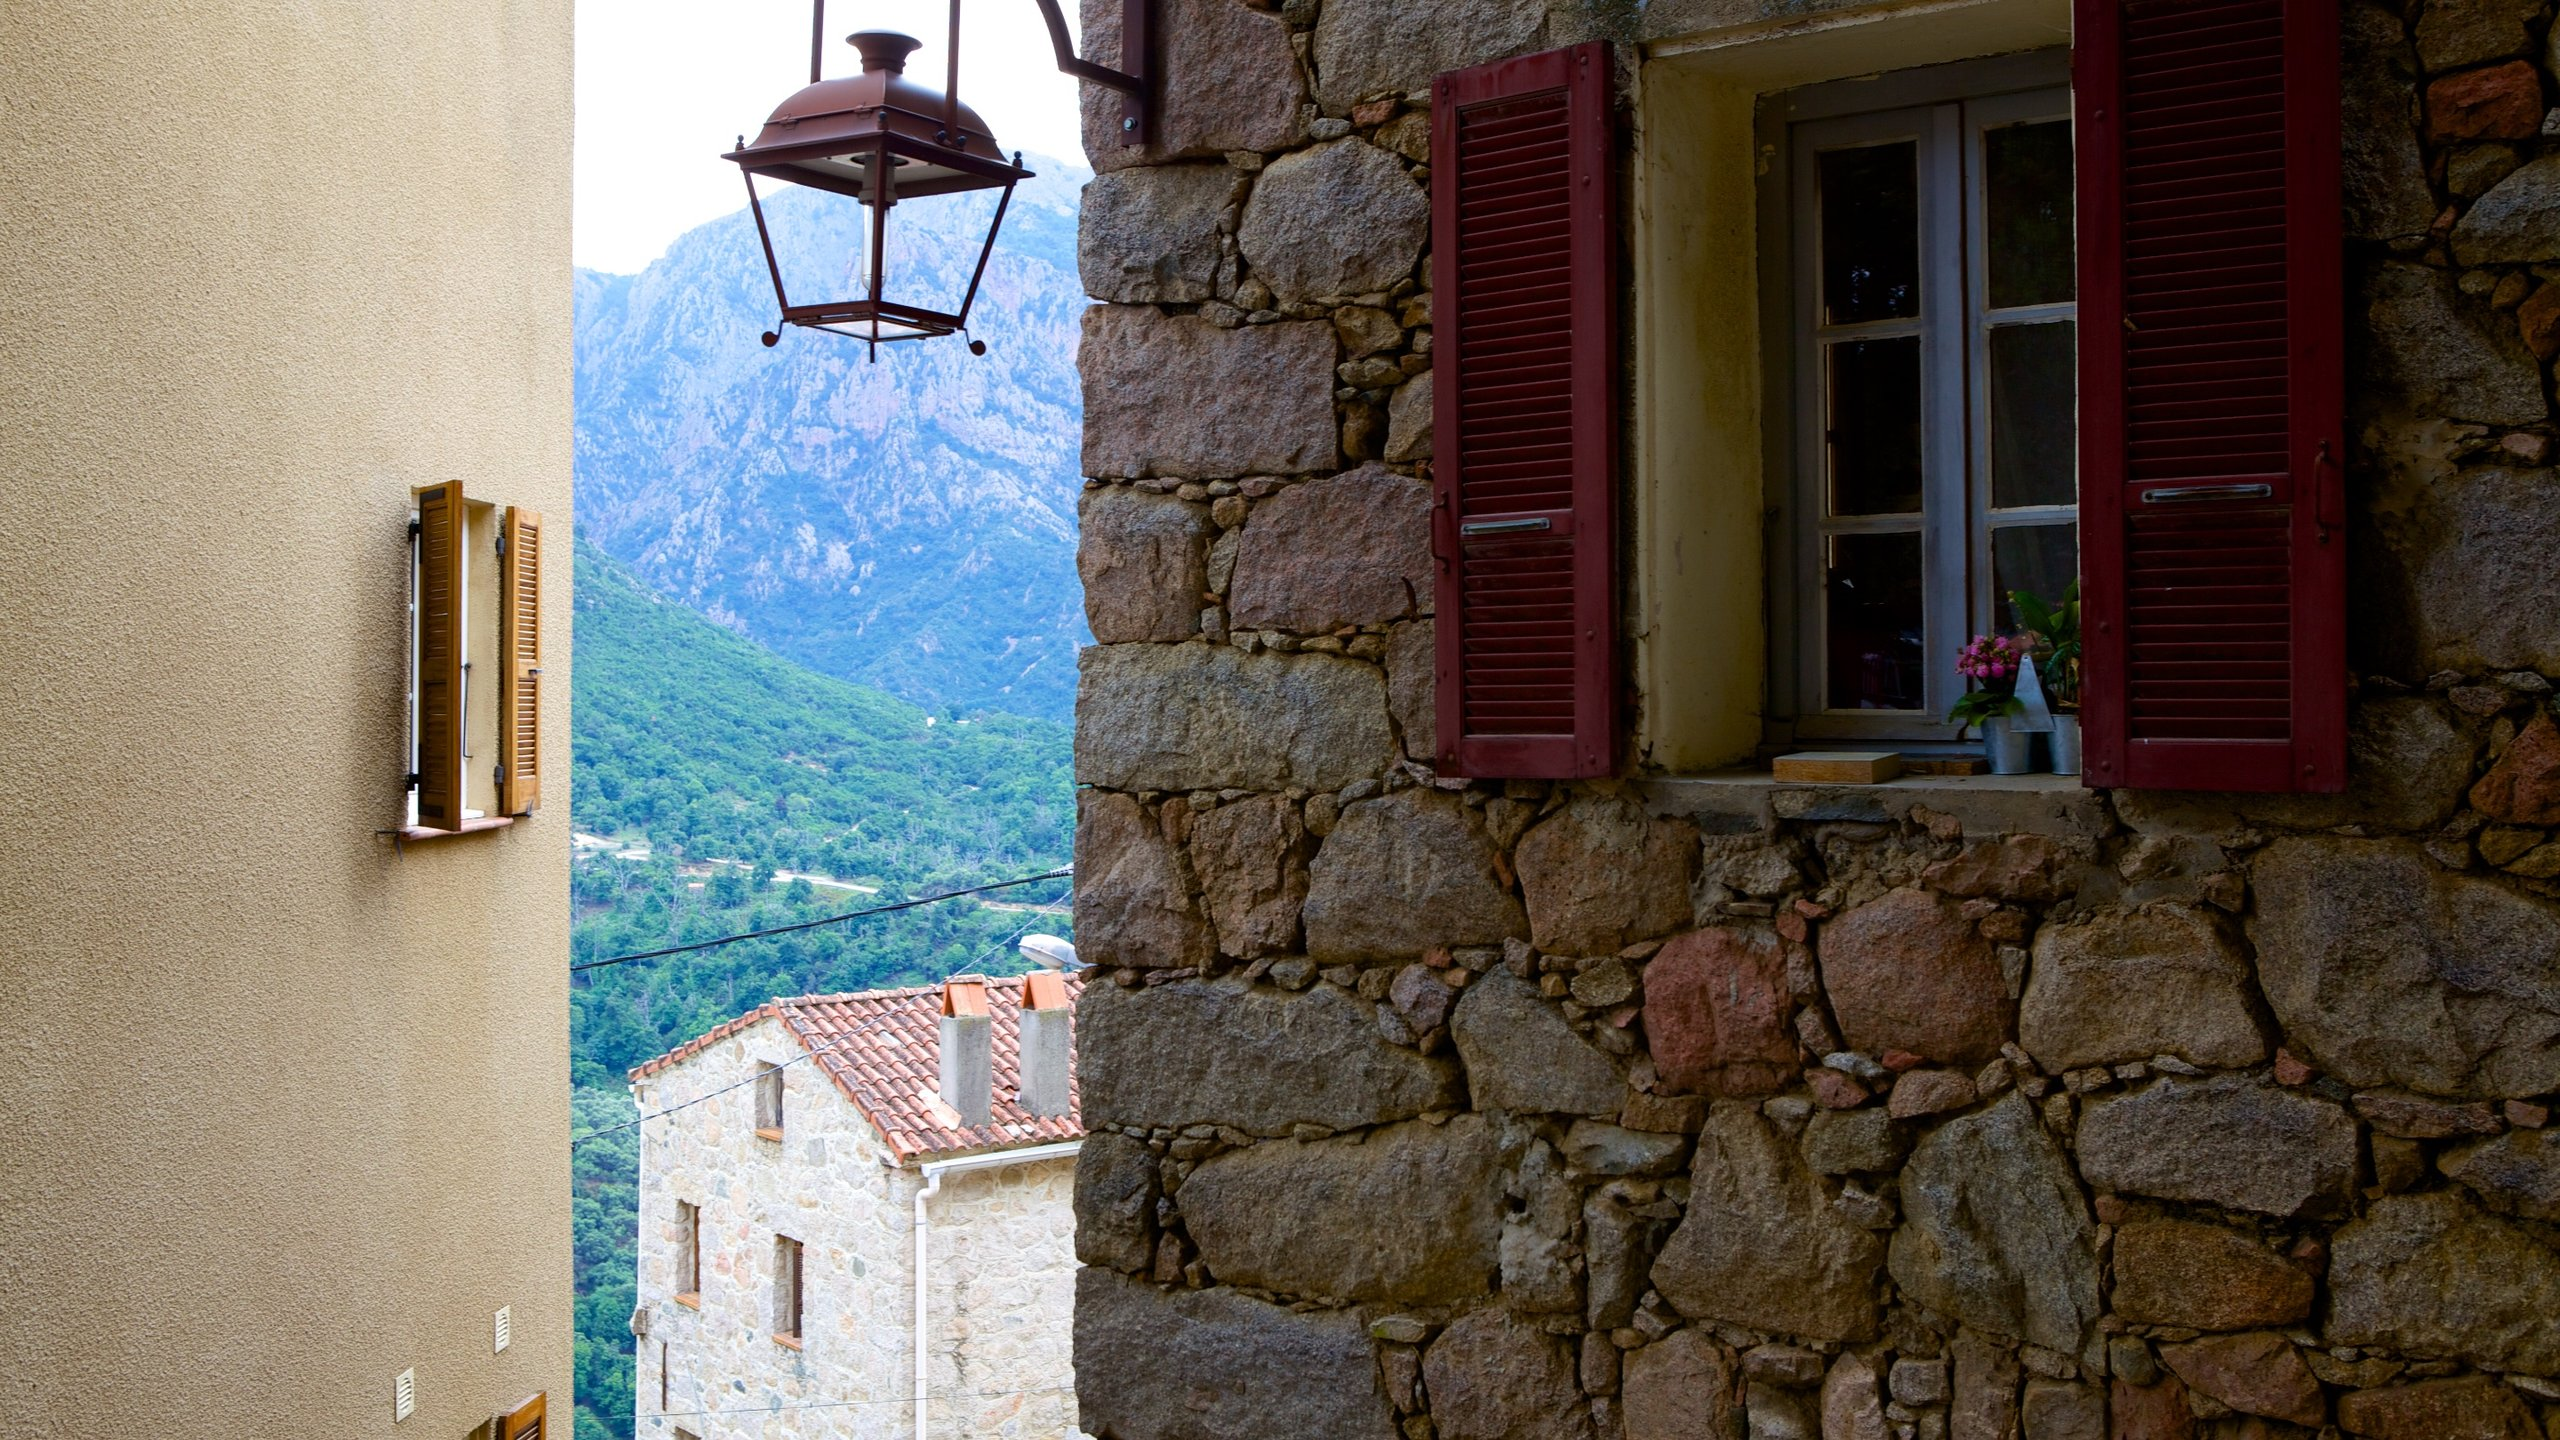 Spelunca-Liamone, Corse-du-Sud, France